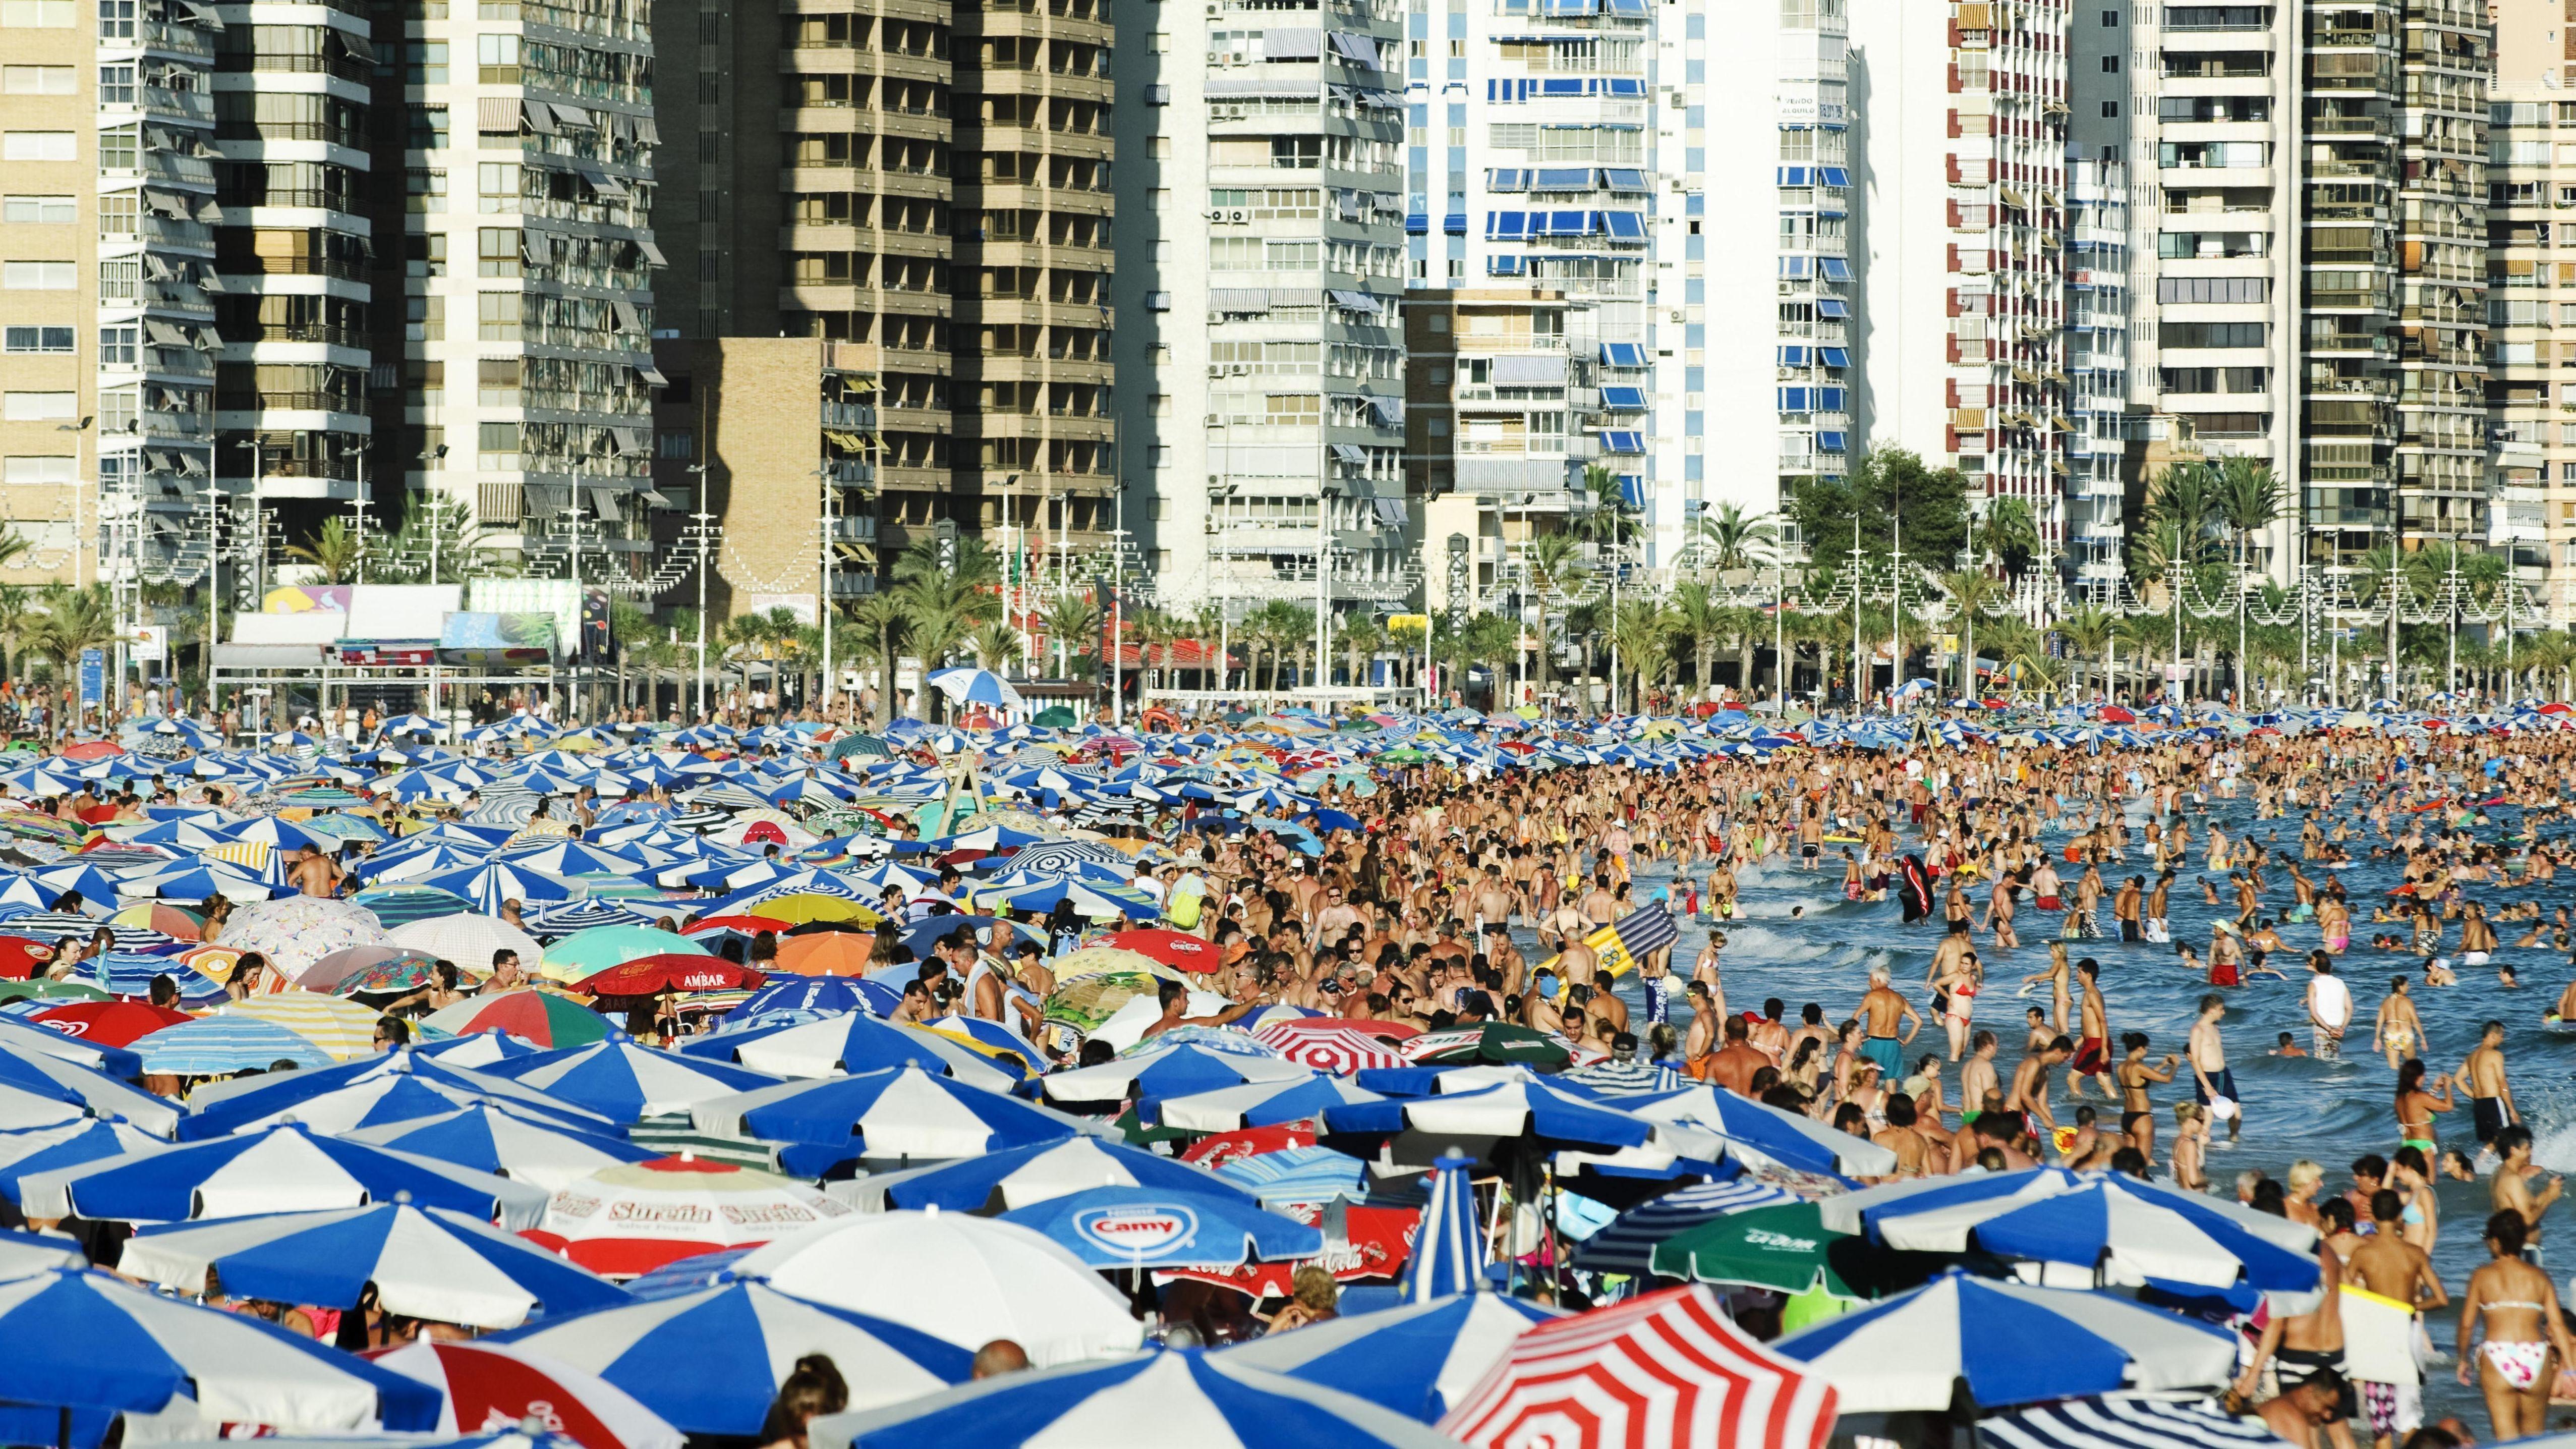 Mit Touristen voll besetzter Strand, Playa Levante, in der Hochsaison in Benidorm, Costa Blanca, Spanien, Europa